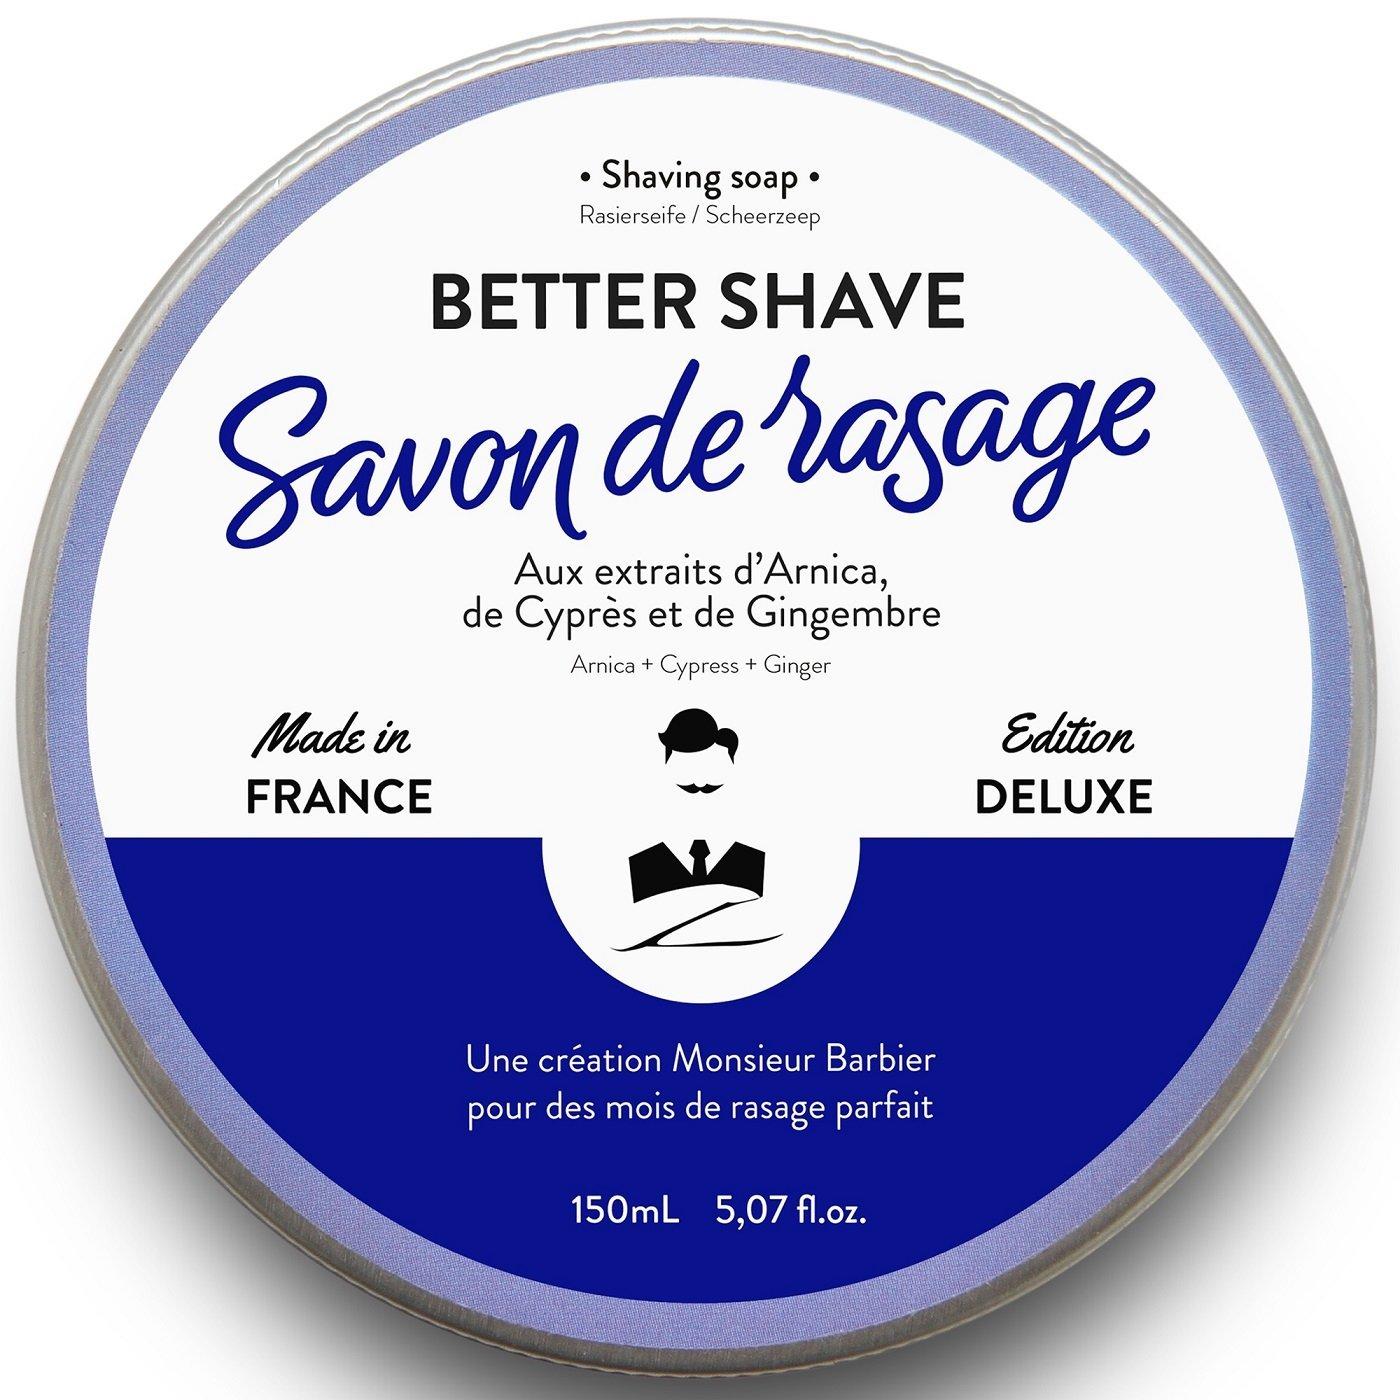 Savon de rasage better shave 150 mL